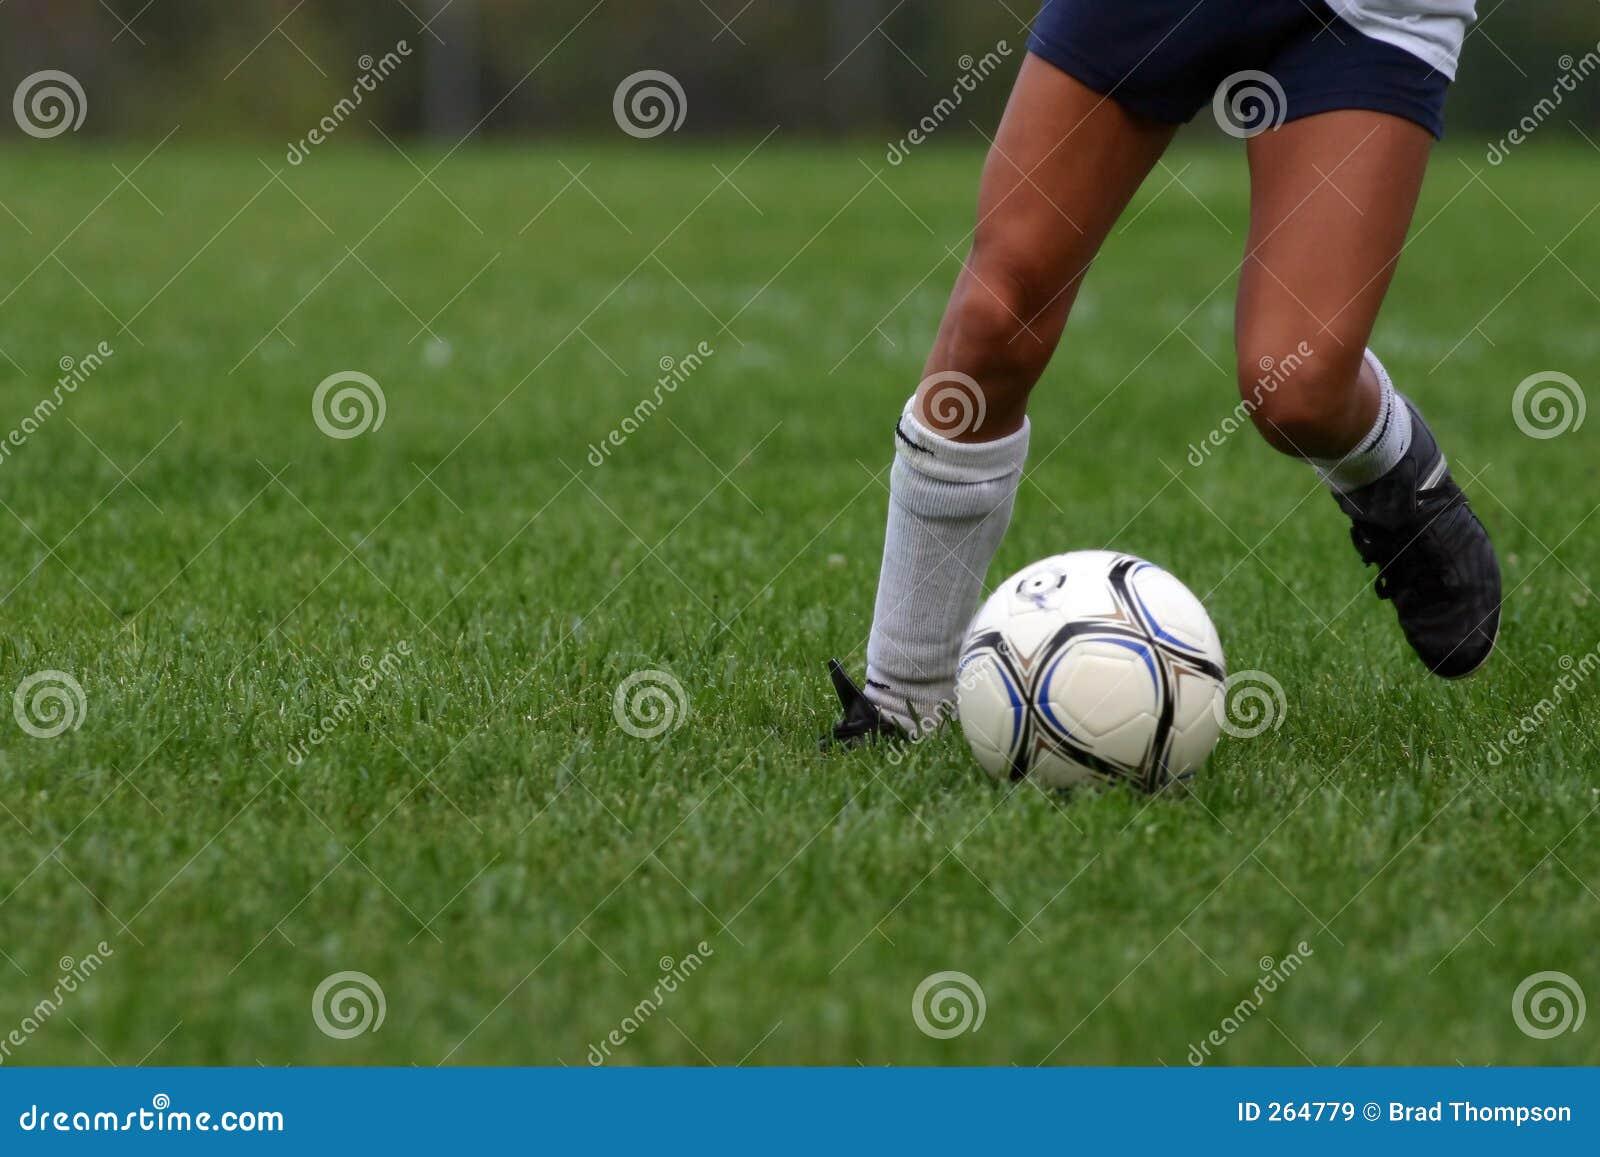 Controle do futebol